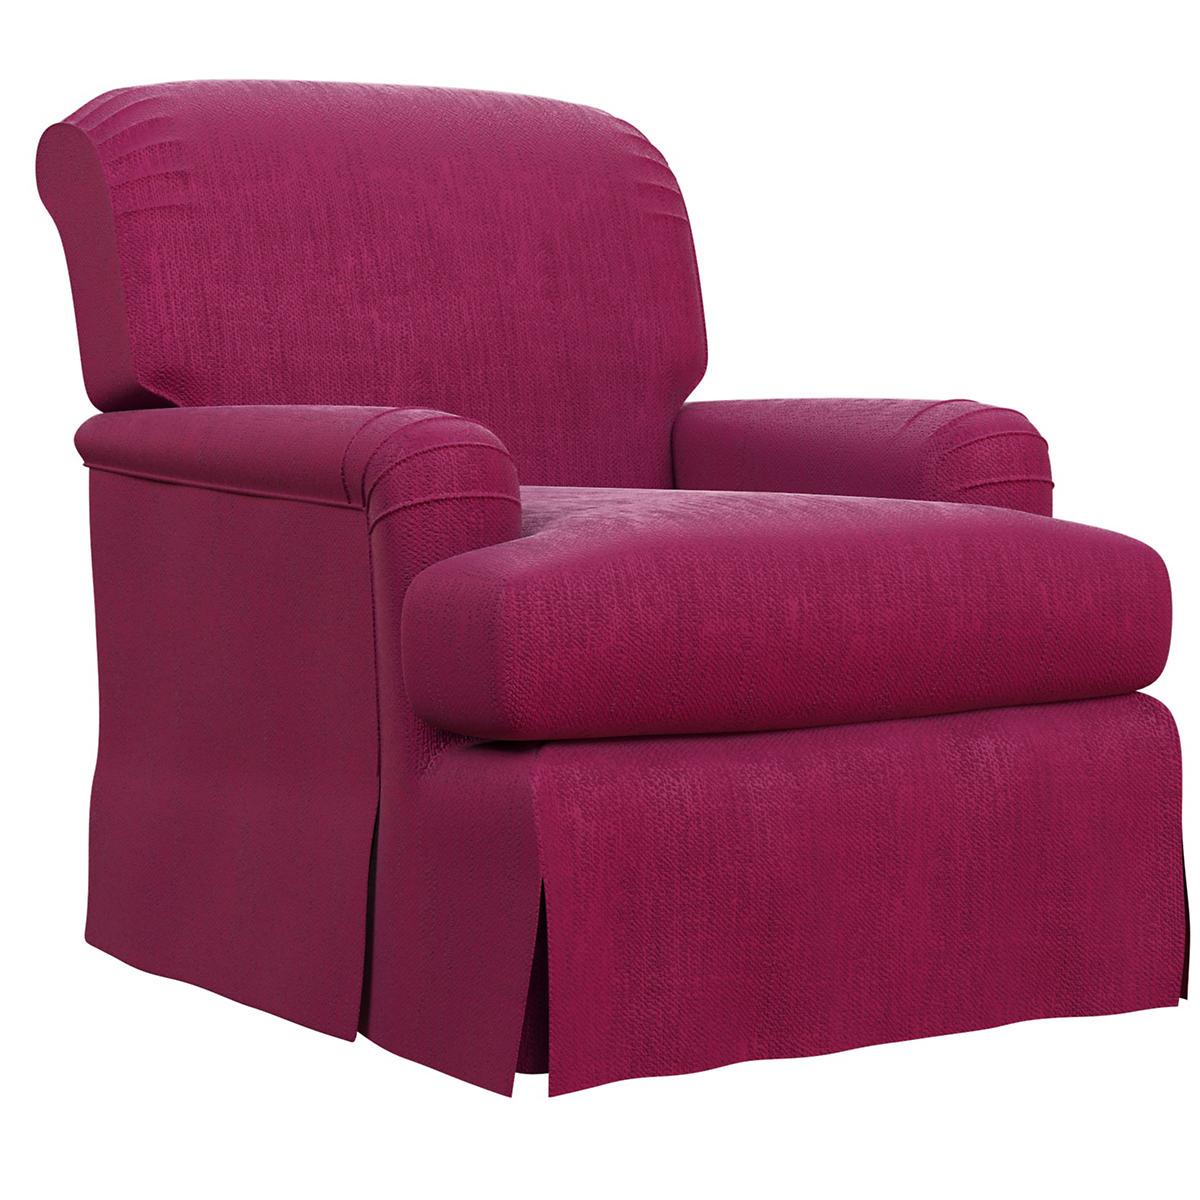 Plush Velvet Claret Longford Chair